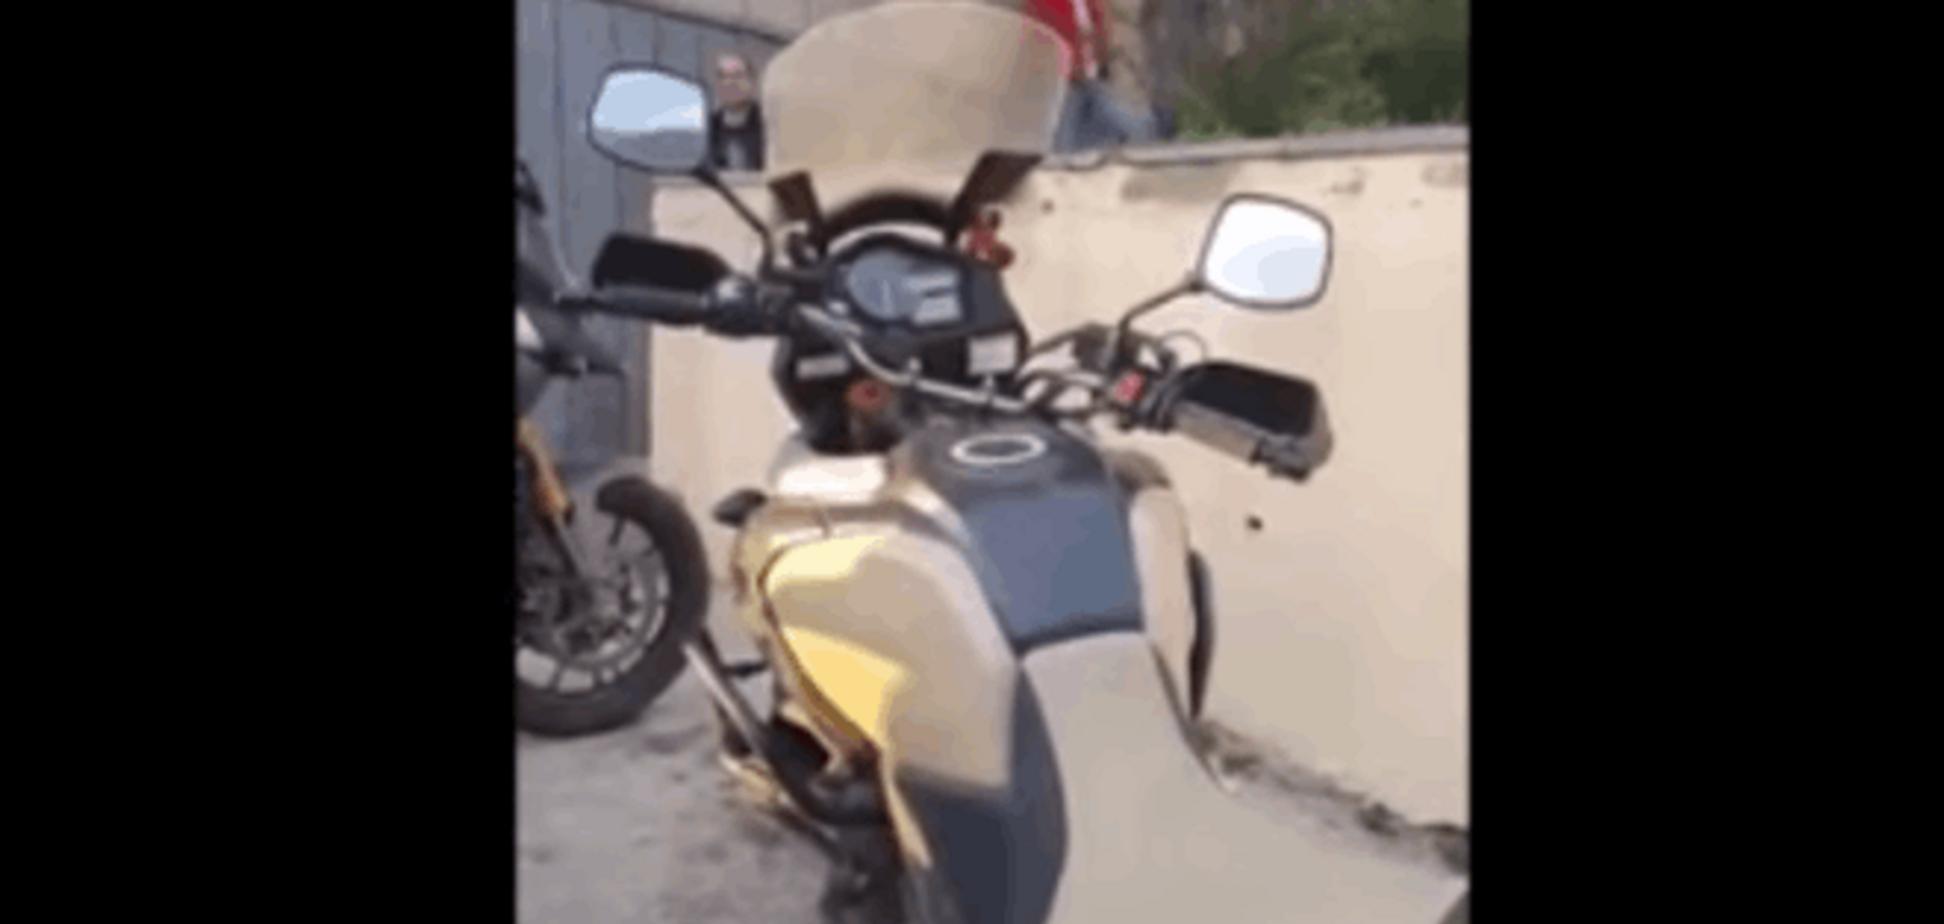 Шок! Путинские байкеры избили грузинку из-за 'георгиевской' ленточки: видеофакт